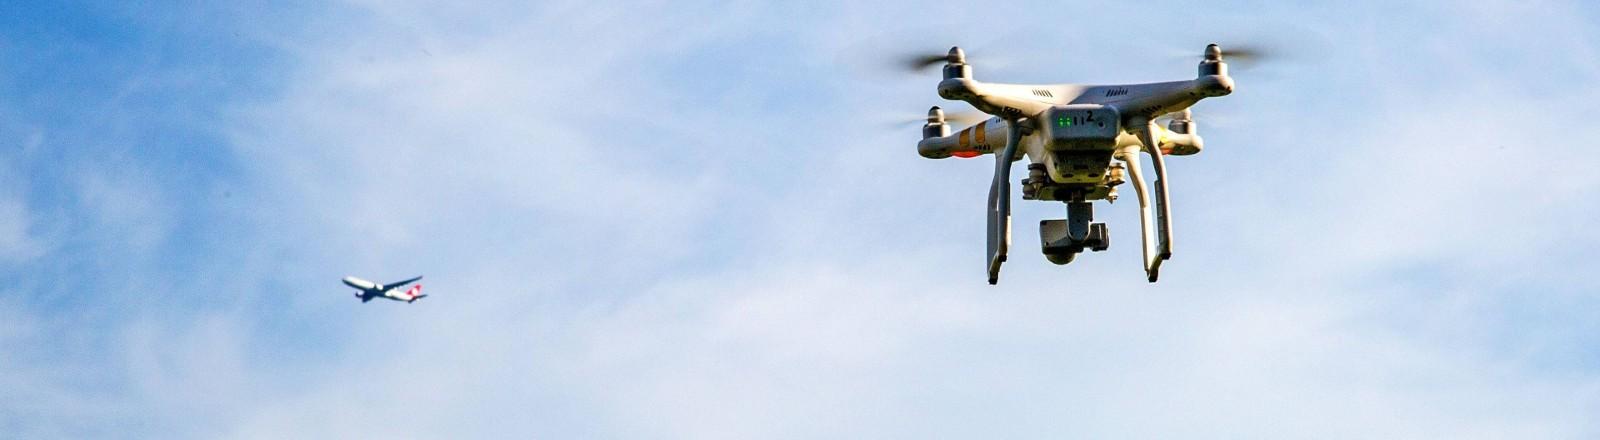 Eine Drohne folgt einem startenden Flugzeug am Flughafen Düsseldorf.